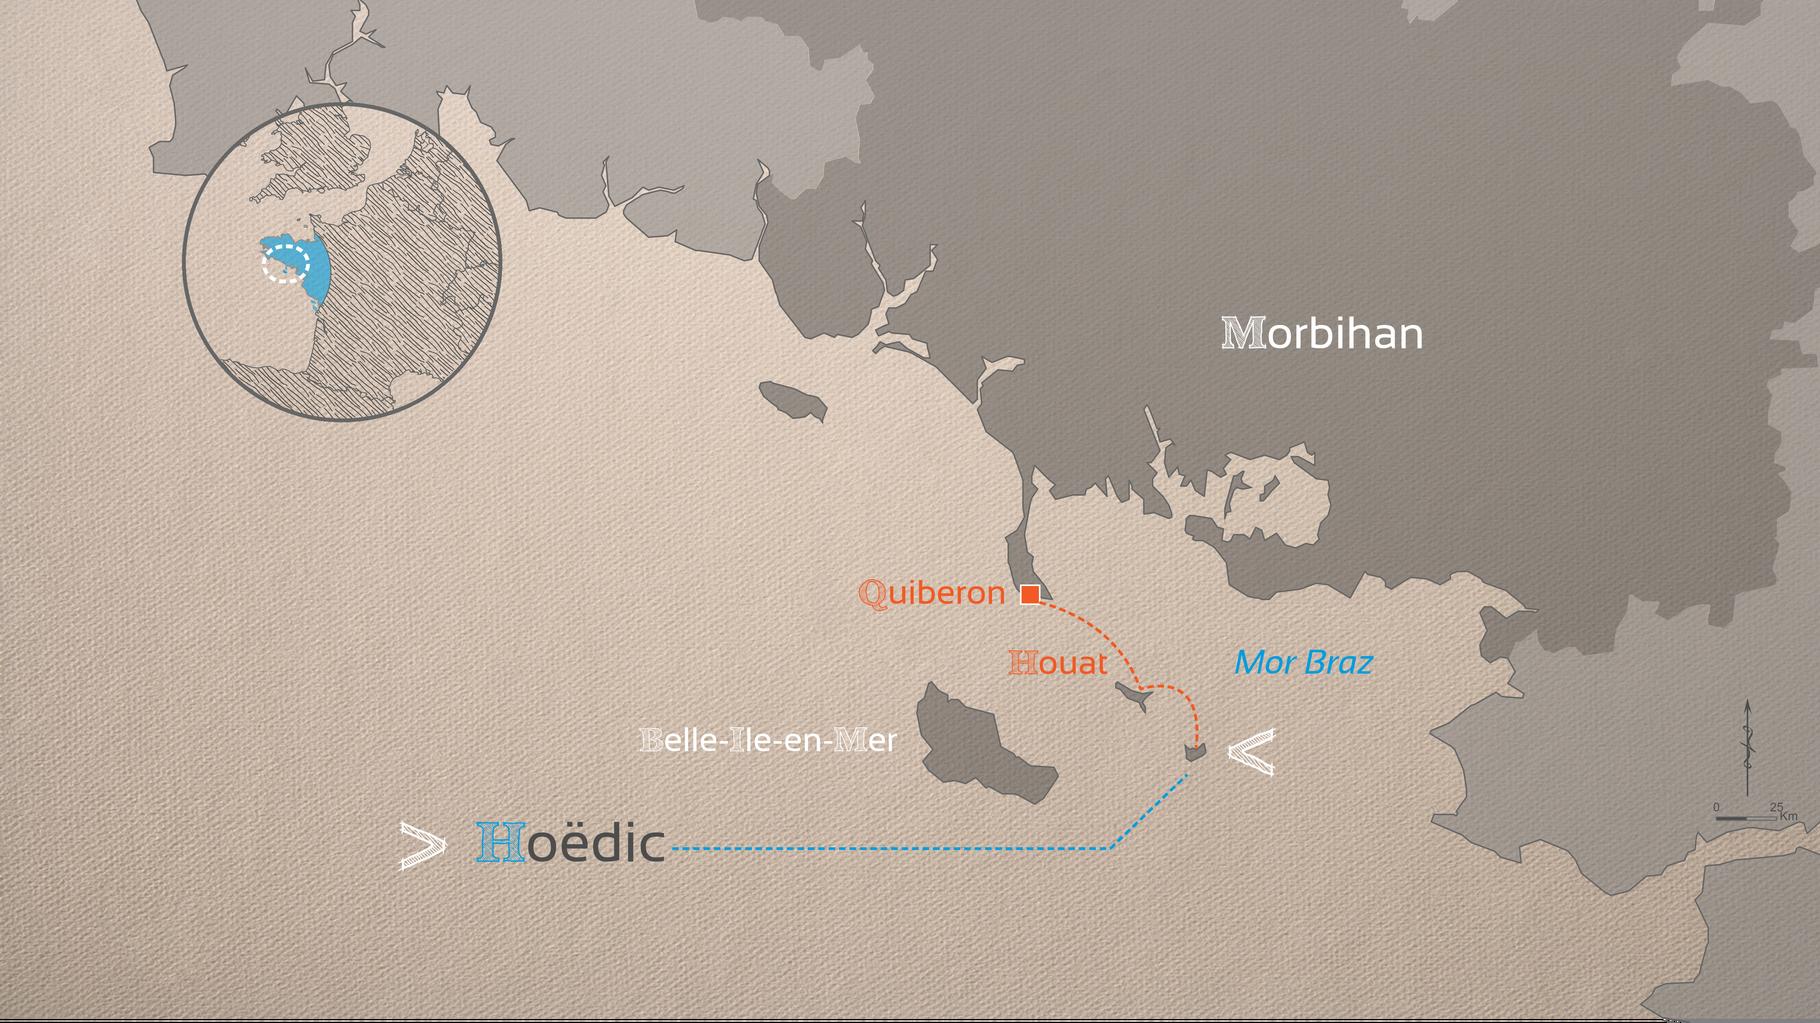 Au départ de Quiberon, il faut une heure pour se rendre à Hoëdic, après une escale à Houat